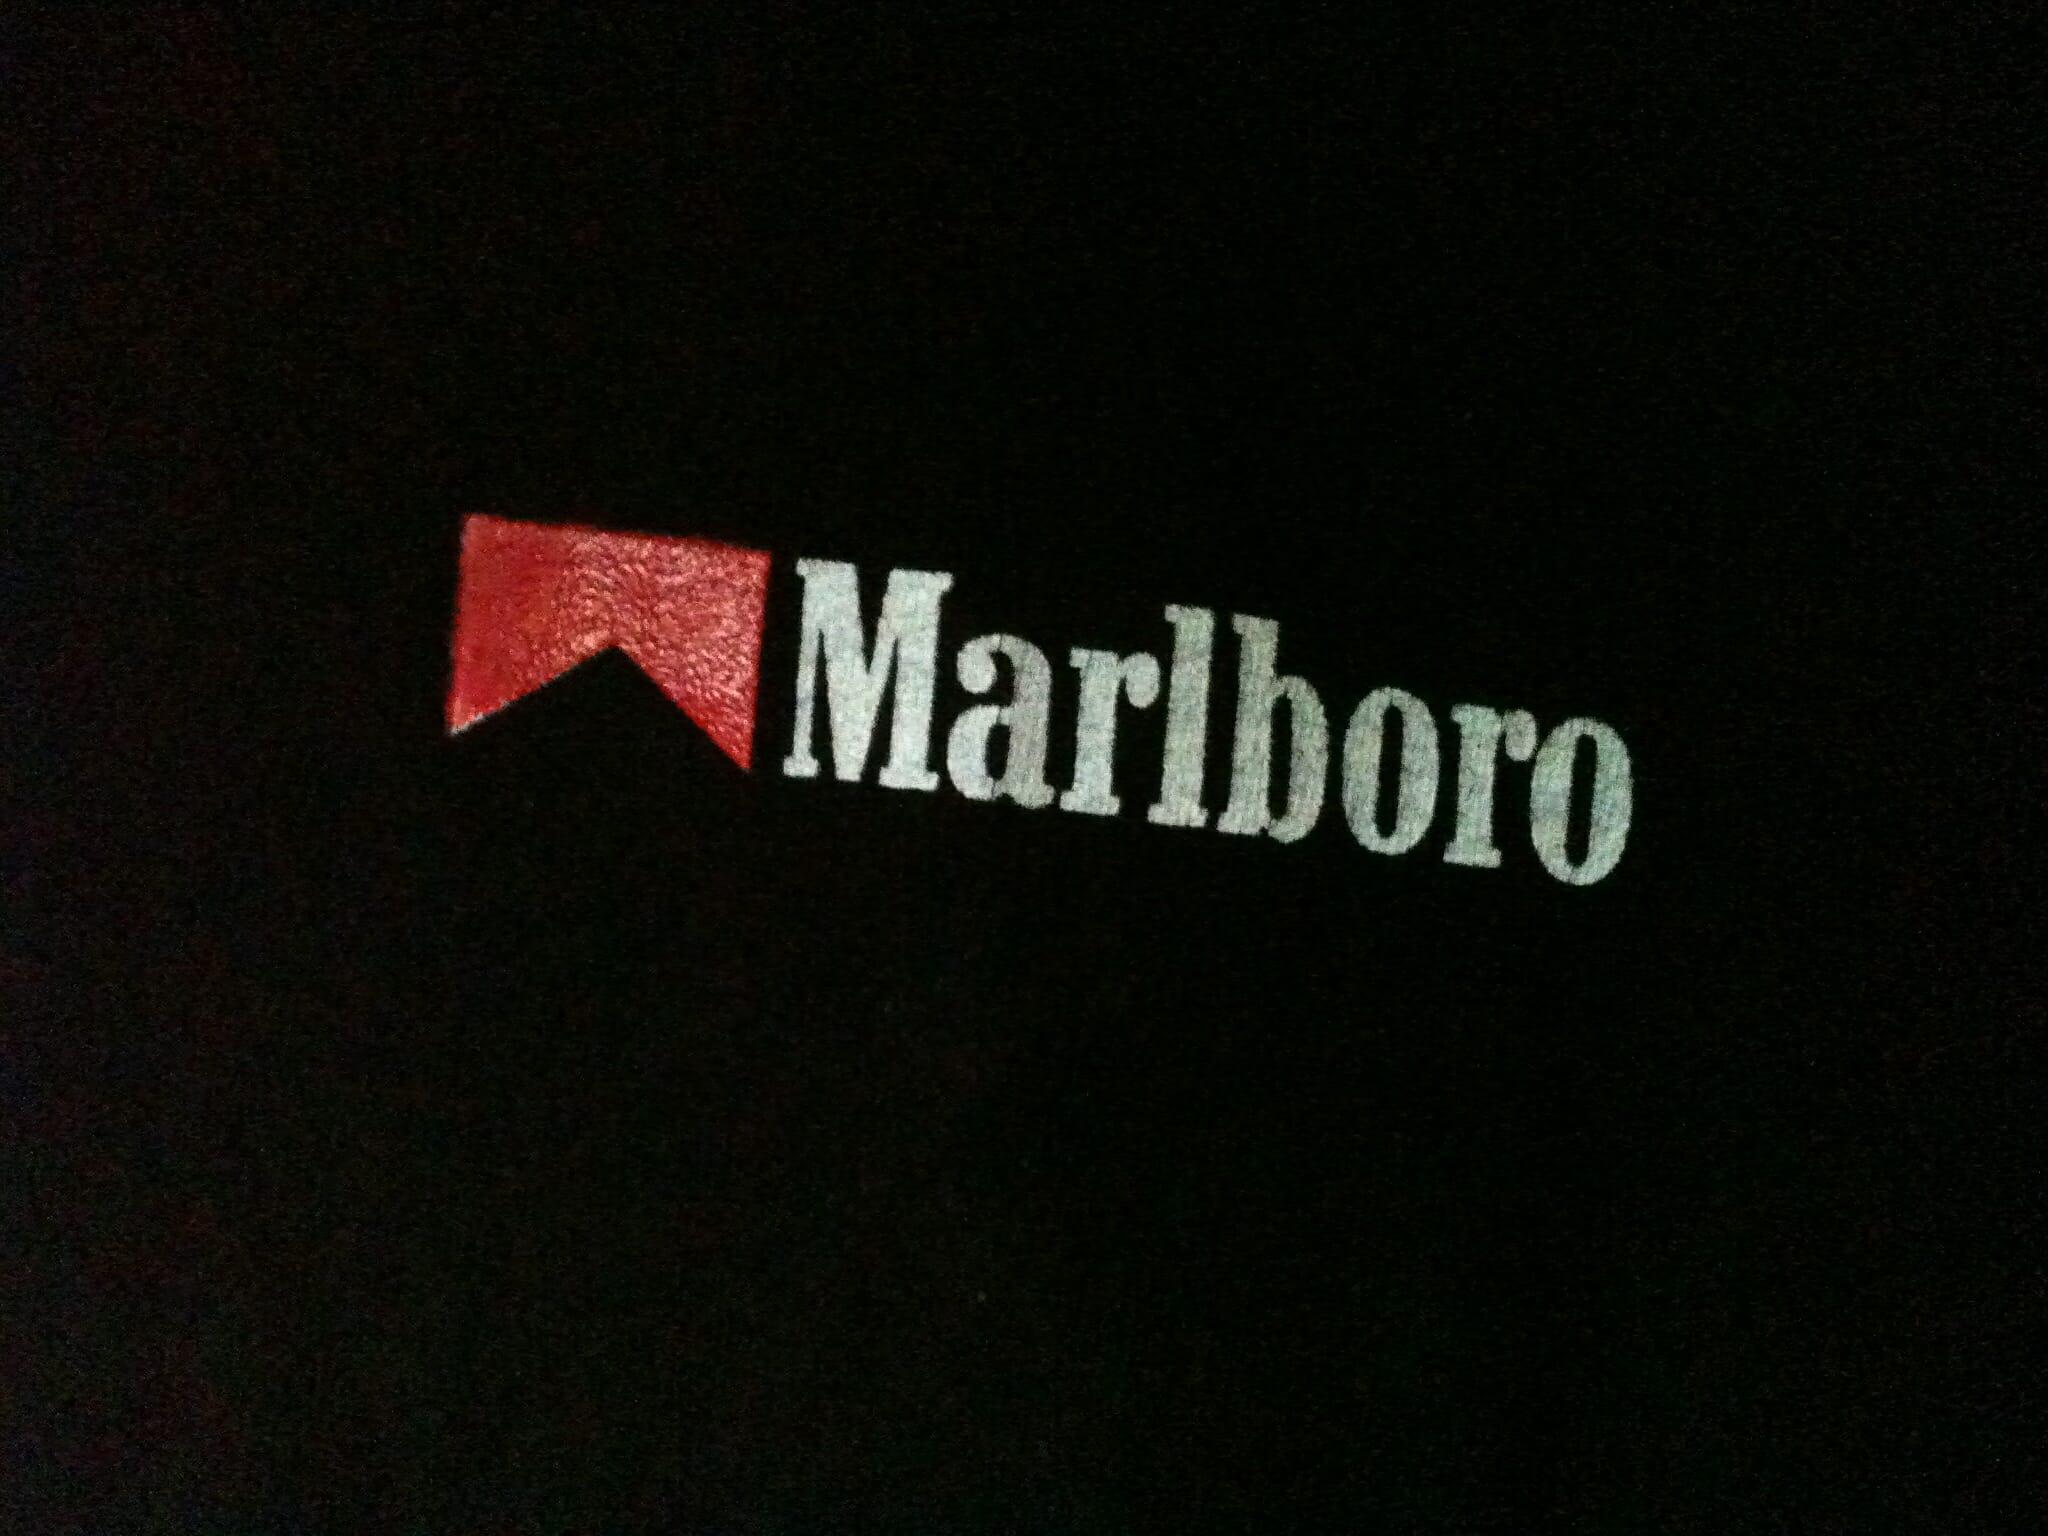 Marlboro Red cigarettes price at store